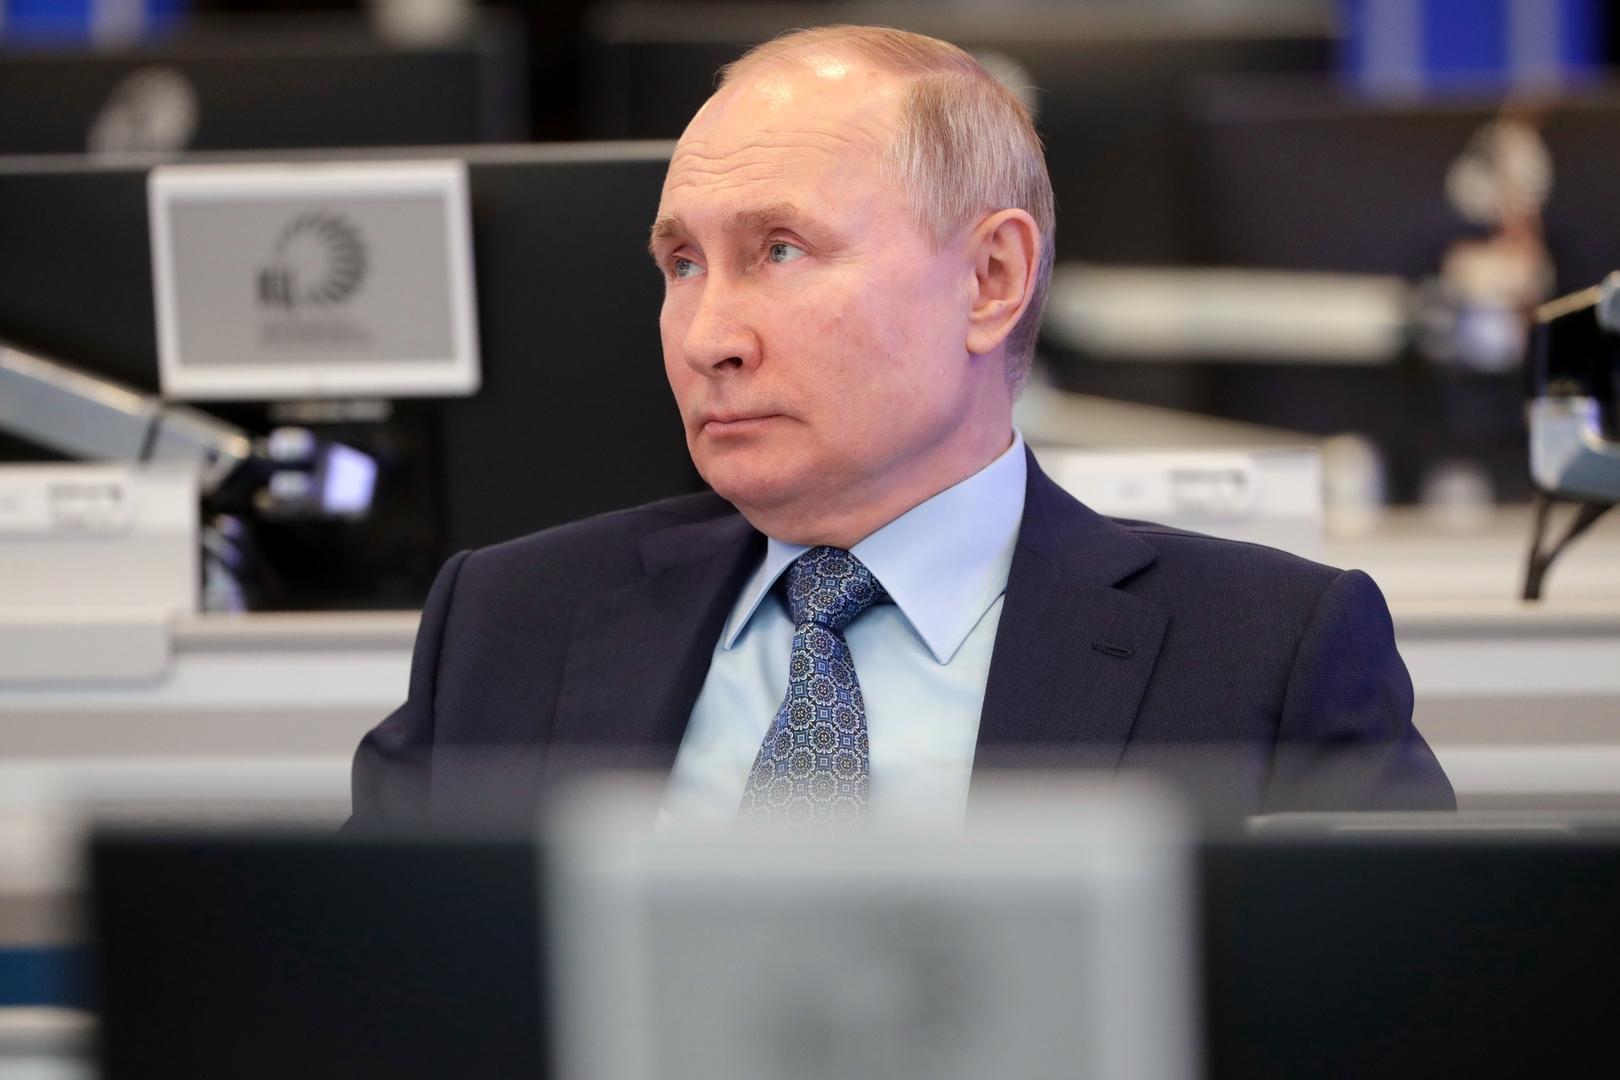 أوكرانيا تعرض على نتنياهو دور الوسيط بين كييف وموسكو